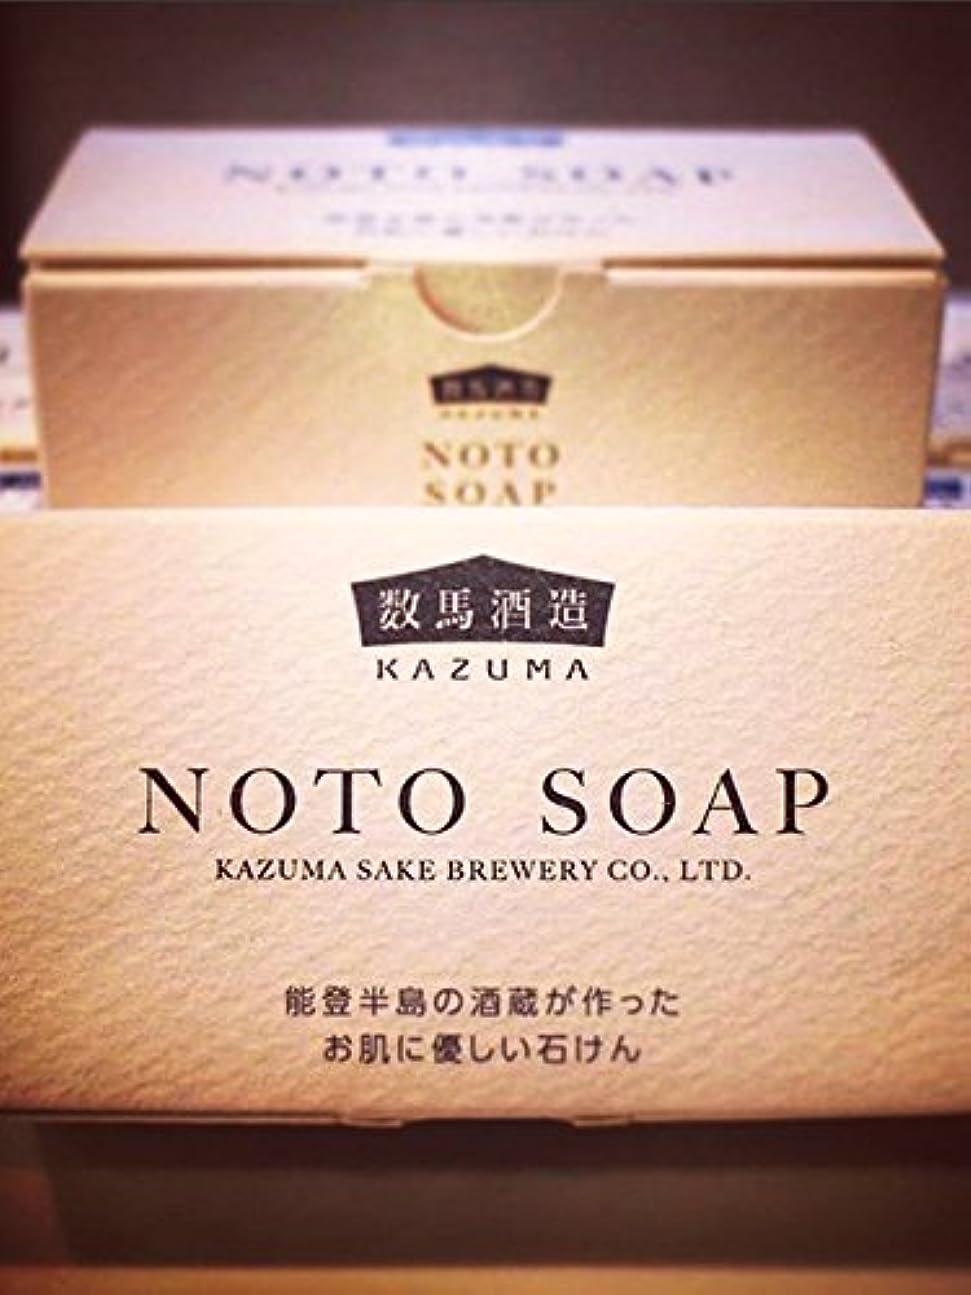 独裁者アナニバー手がかり竹葉 NOTO SOAP 酒粕石鹸 1個80g